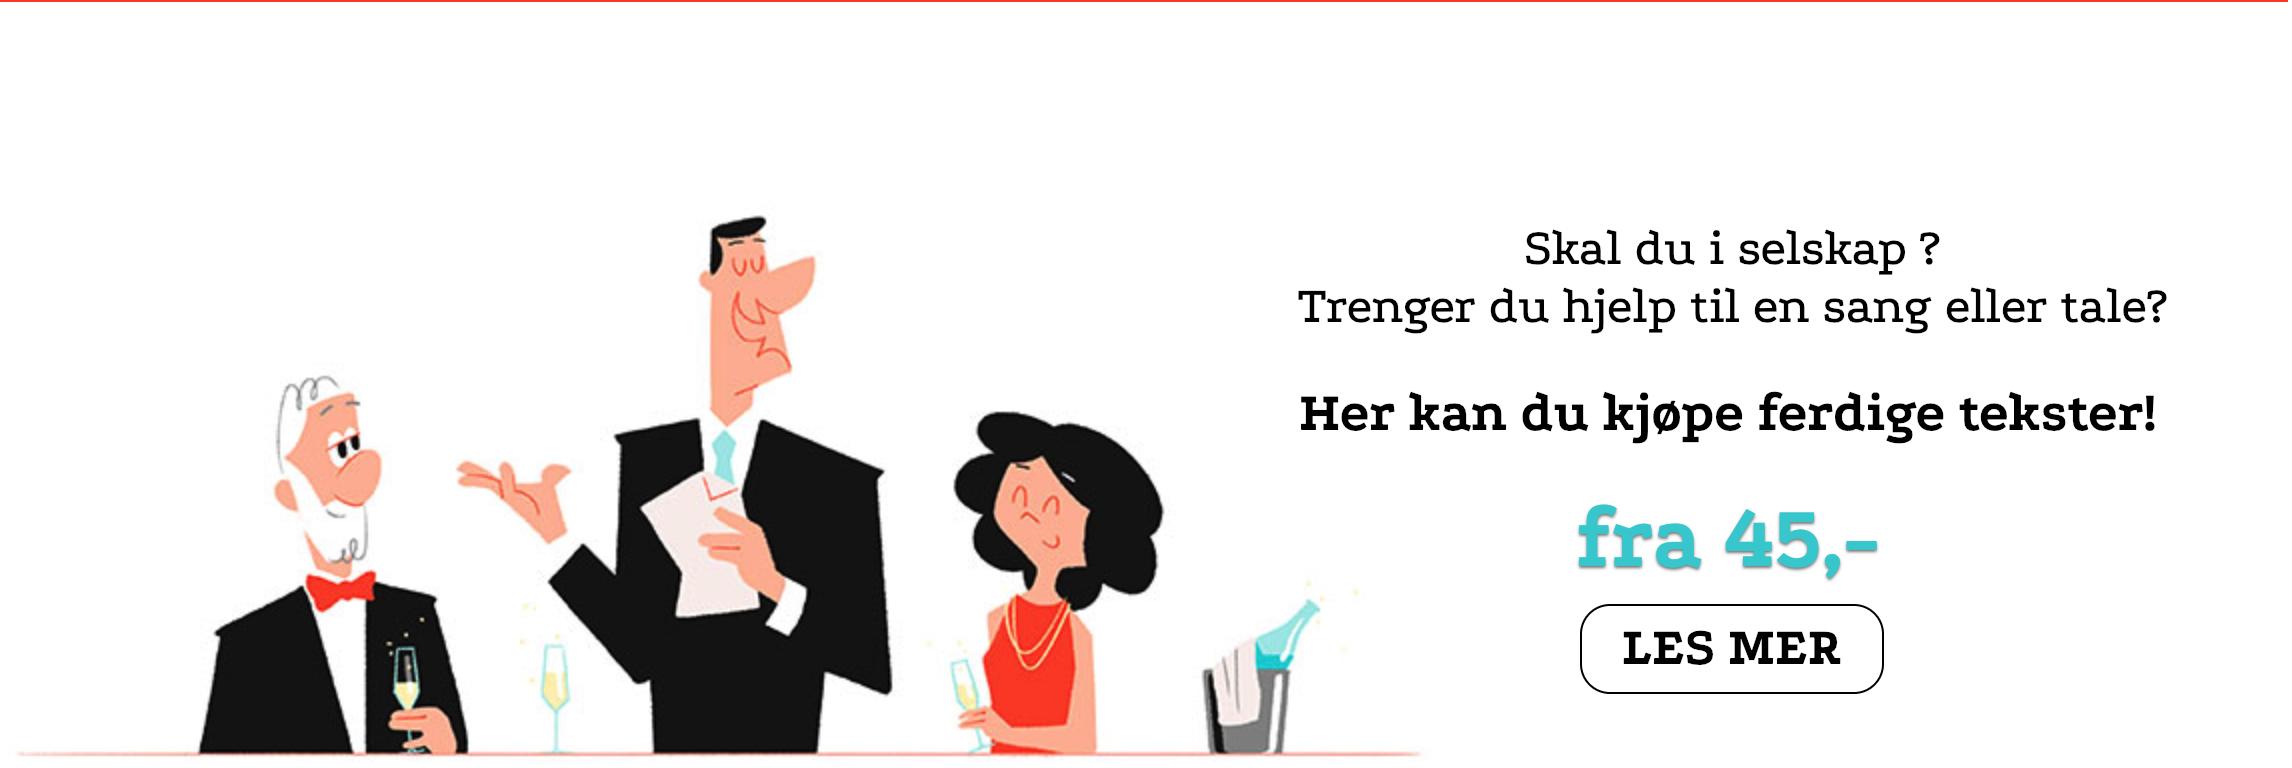 Skjermbilde 2019-01-02 kl. 14.15.04